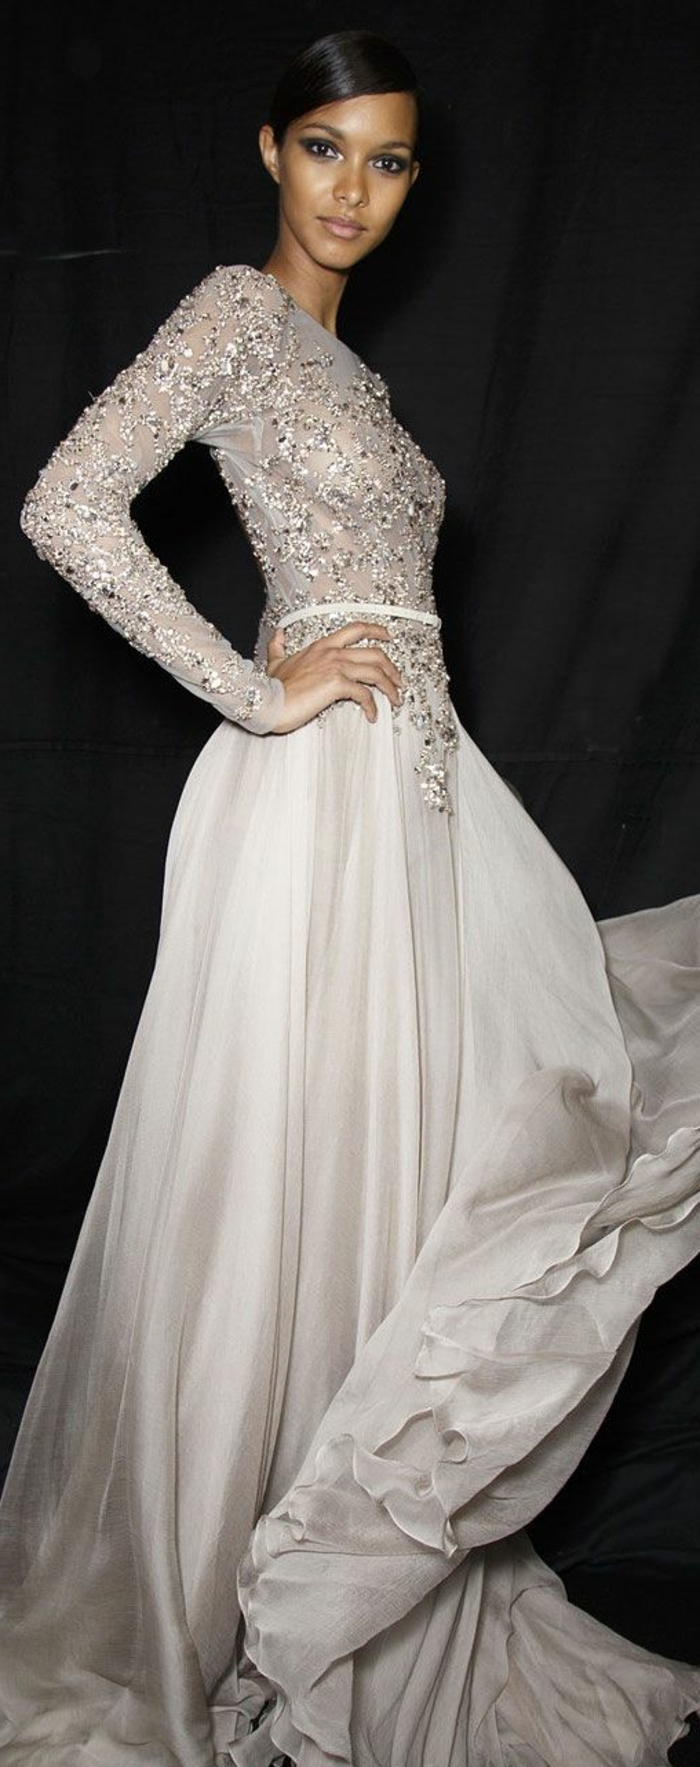 une-jolie-robe-blanche-en-dentelle-pour-tous-les-femmes-modernes